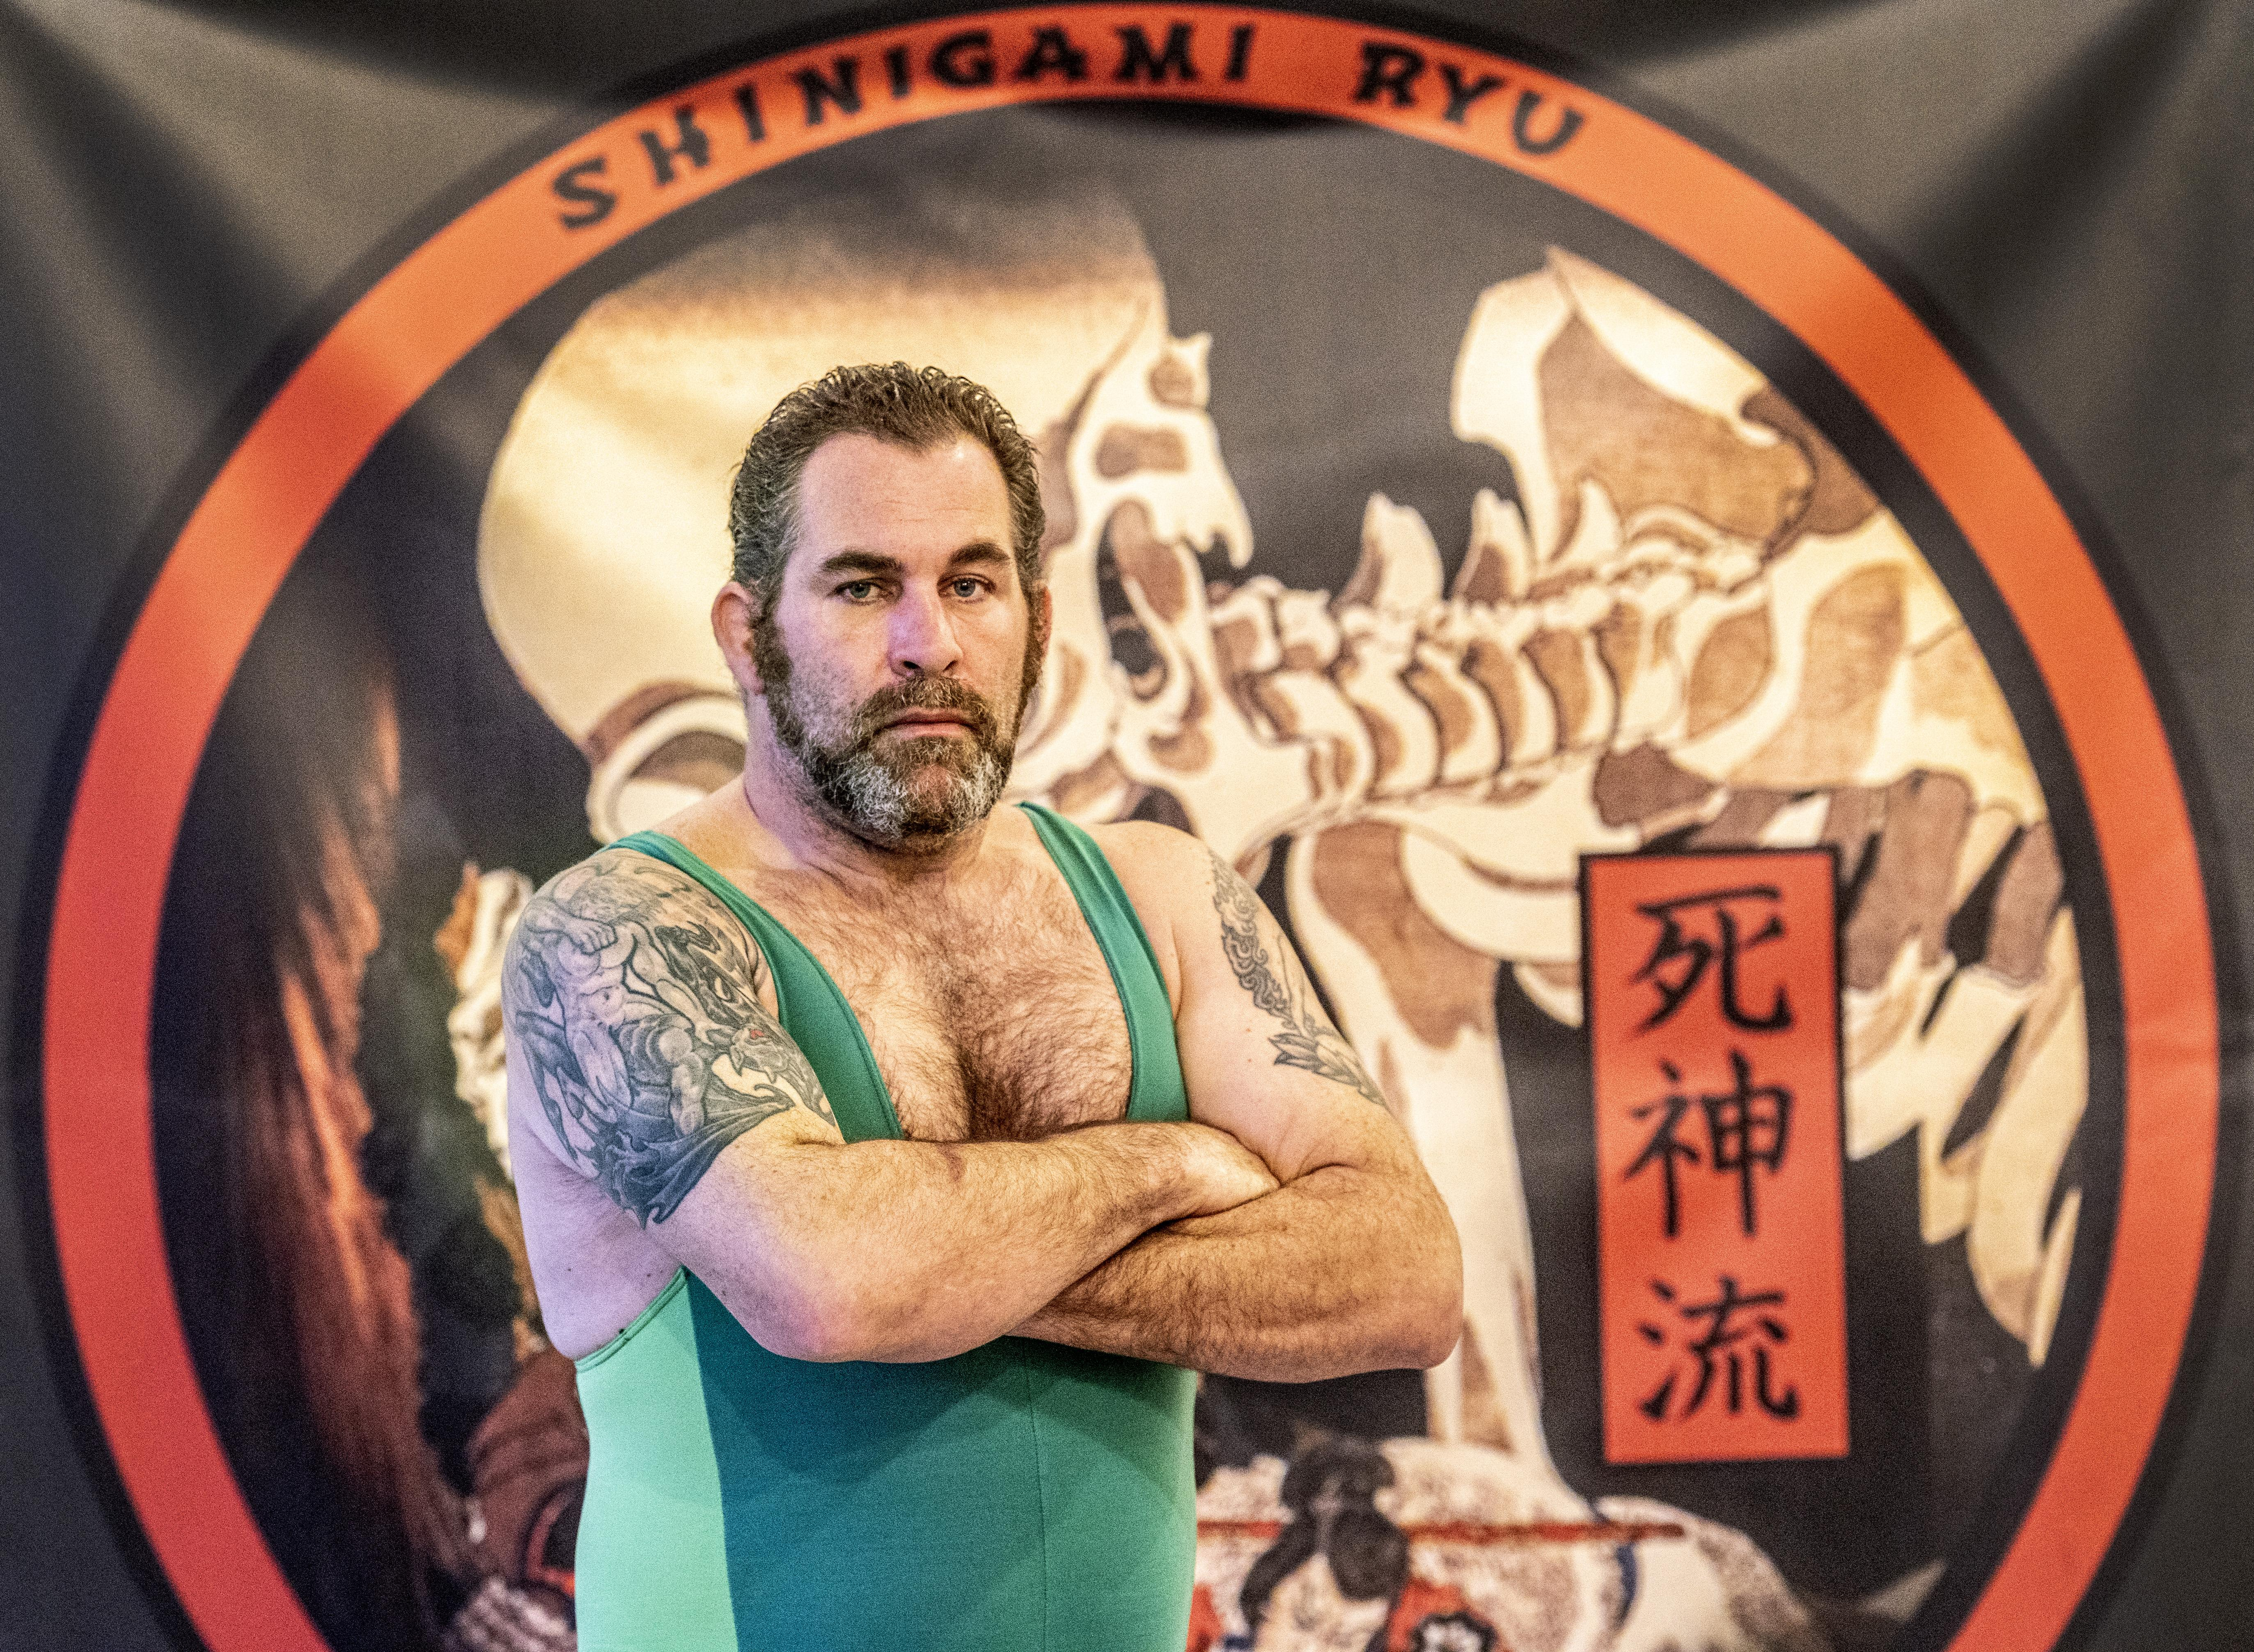 Ex-freefighter Jef Pedro geeft les in Haarlem: 'Vechtsport is voor iedereen goed. Vooral als je je ego thuis laat'